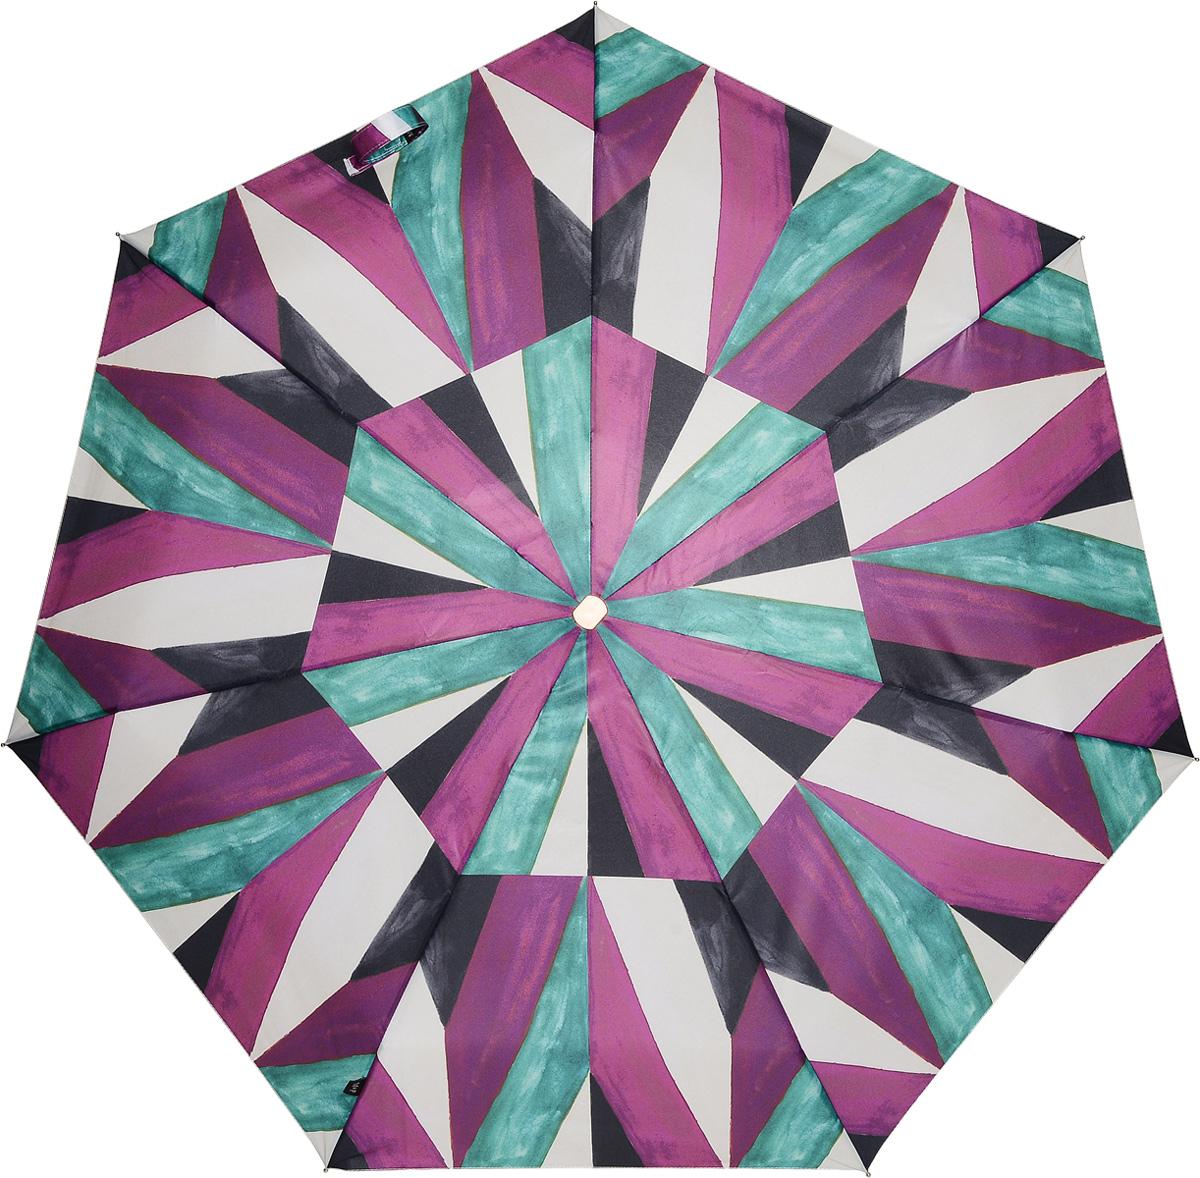 M&P 5869-1 Зонт полный автом. 4 сл. жен.45102176/33205/7900XЗонт испанского производителя Clima. В производстве зонтов используются современные материалы, что делает зонты легкими, но в то же время крепкими. Полный автомат, 4 сложения, 7 спиц, полиэстер.